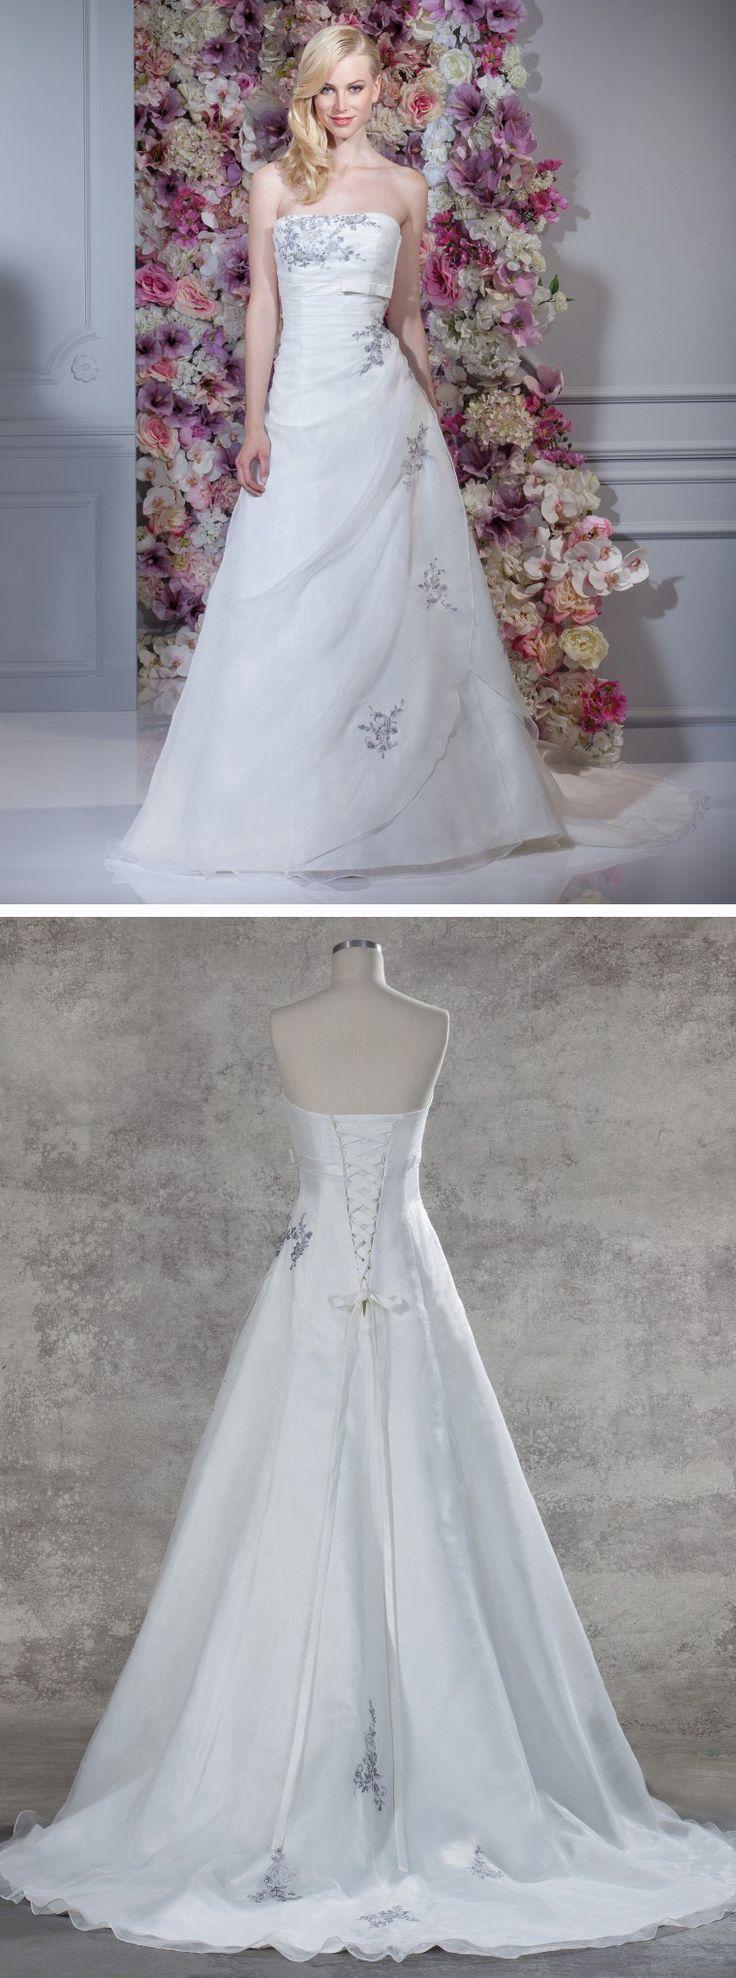 49 besten Brautkleider Bilder auf Pinterest | Hochzeiten ...